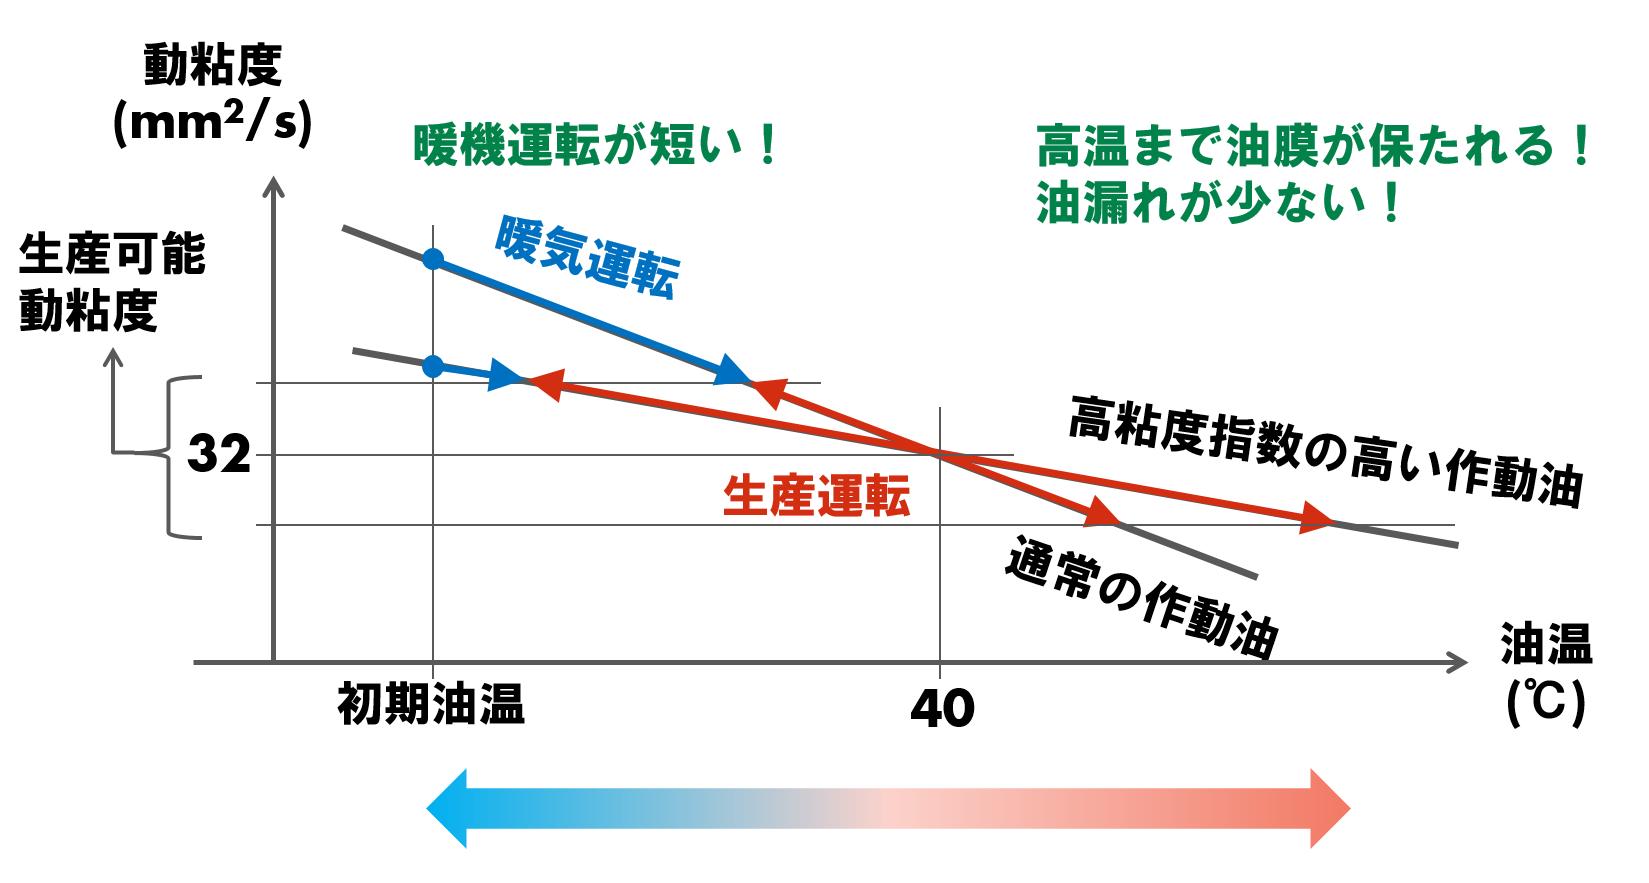 粘度指数を説明している図です。